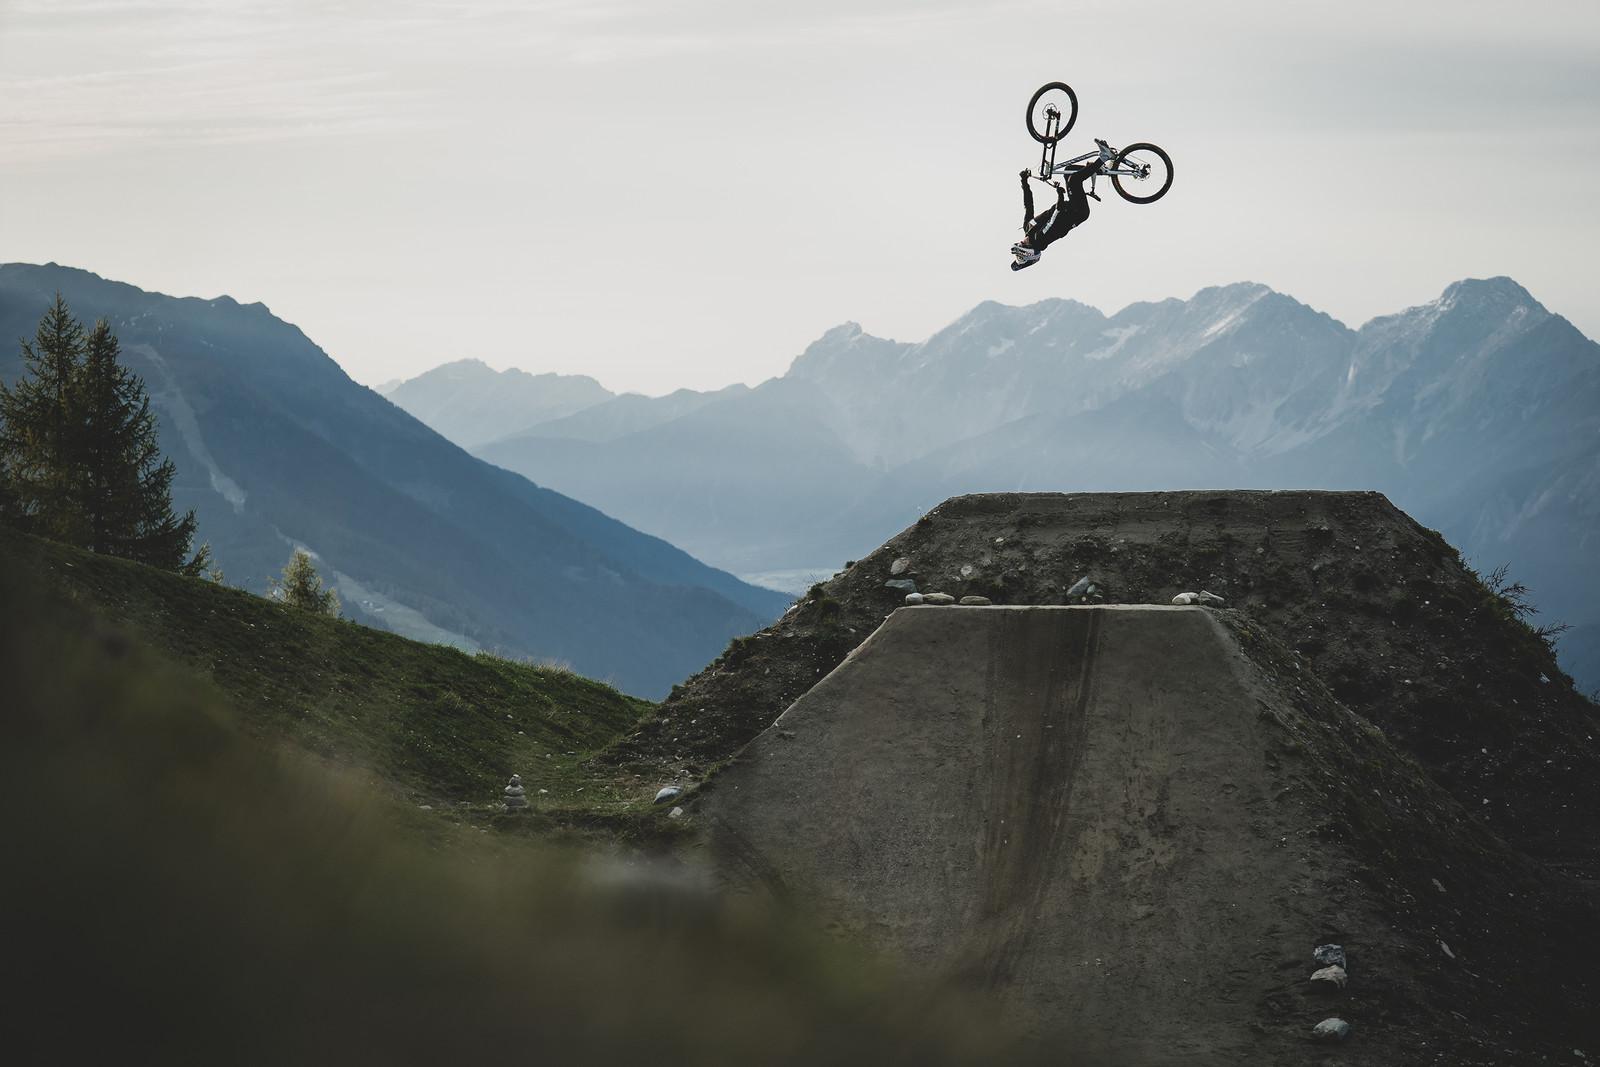 Sending it over the Crankworx Innsbruck Whip-Off jump.